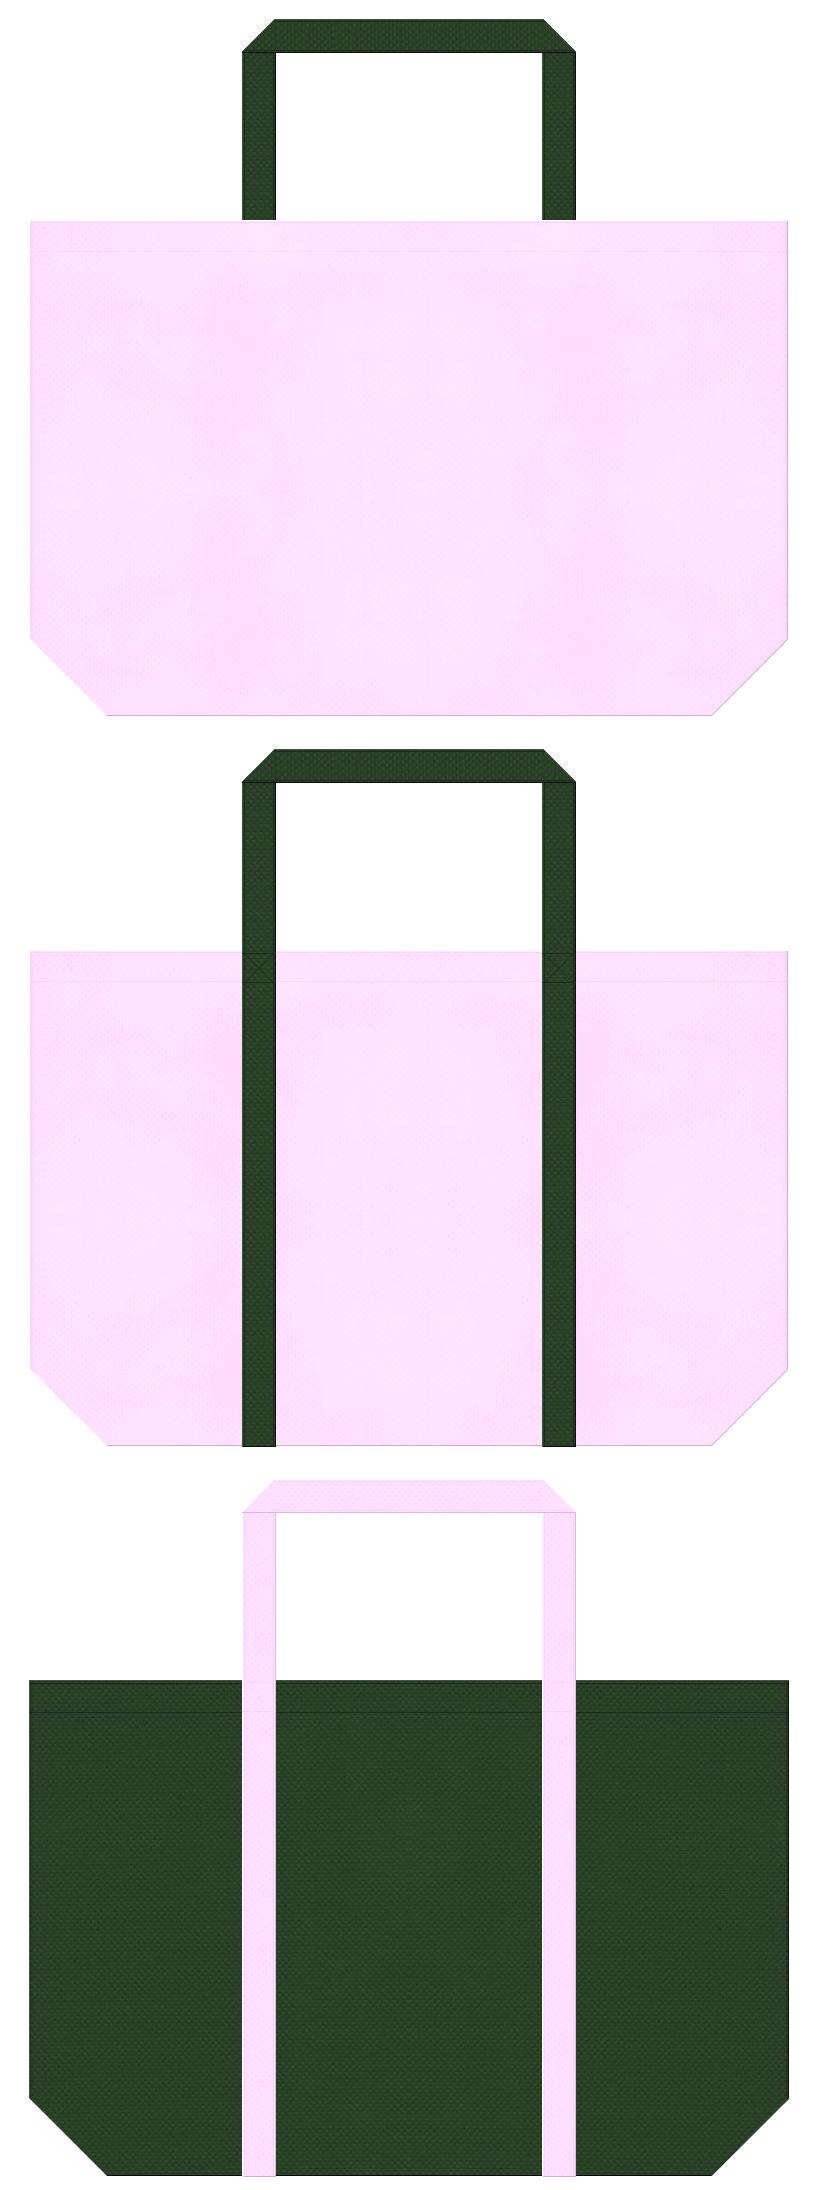 学校・学園・オープンキャンパス・振袖・卒業・桜・メモリー・写真館・生け花・和風催事にお奨めの不織布バッグのデザイン:パステルピンク色と濃緑色のコーデ